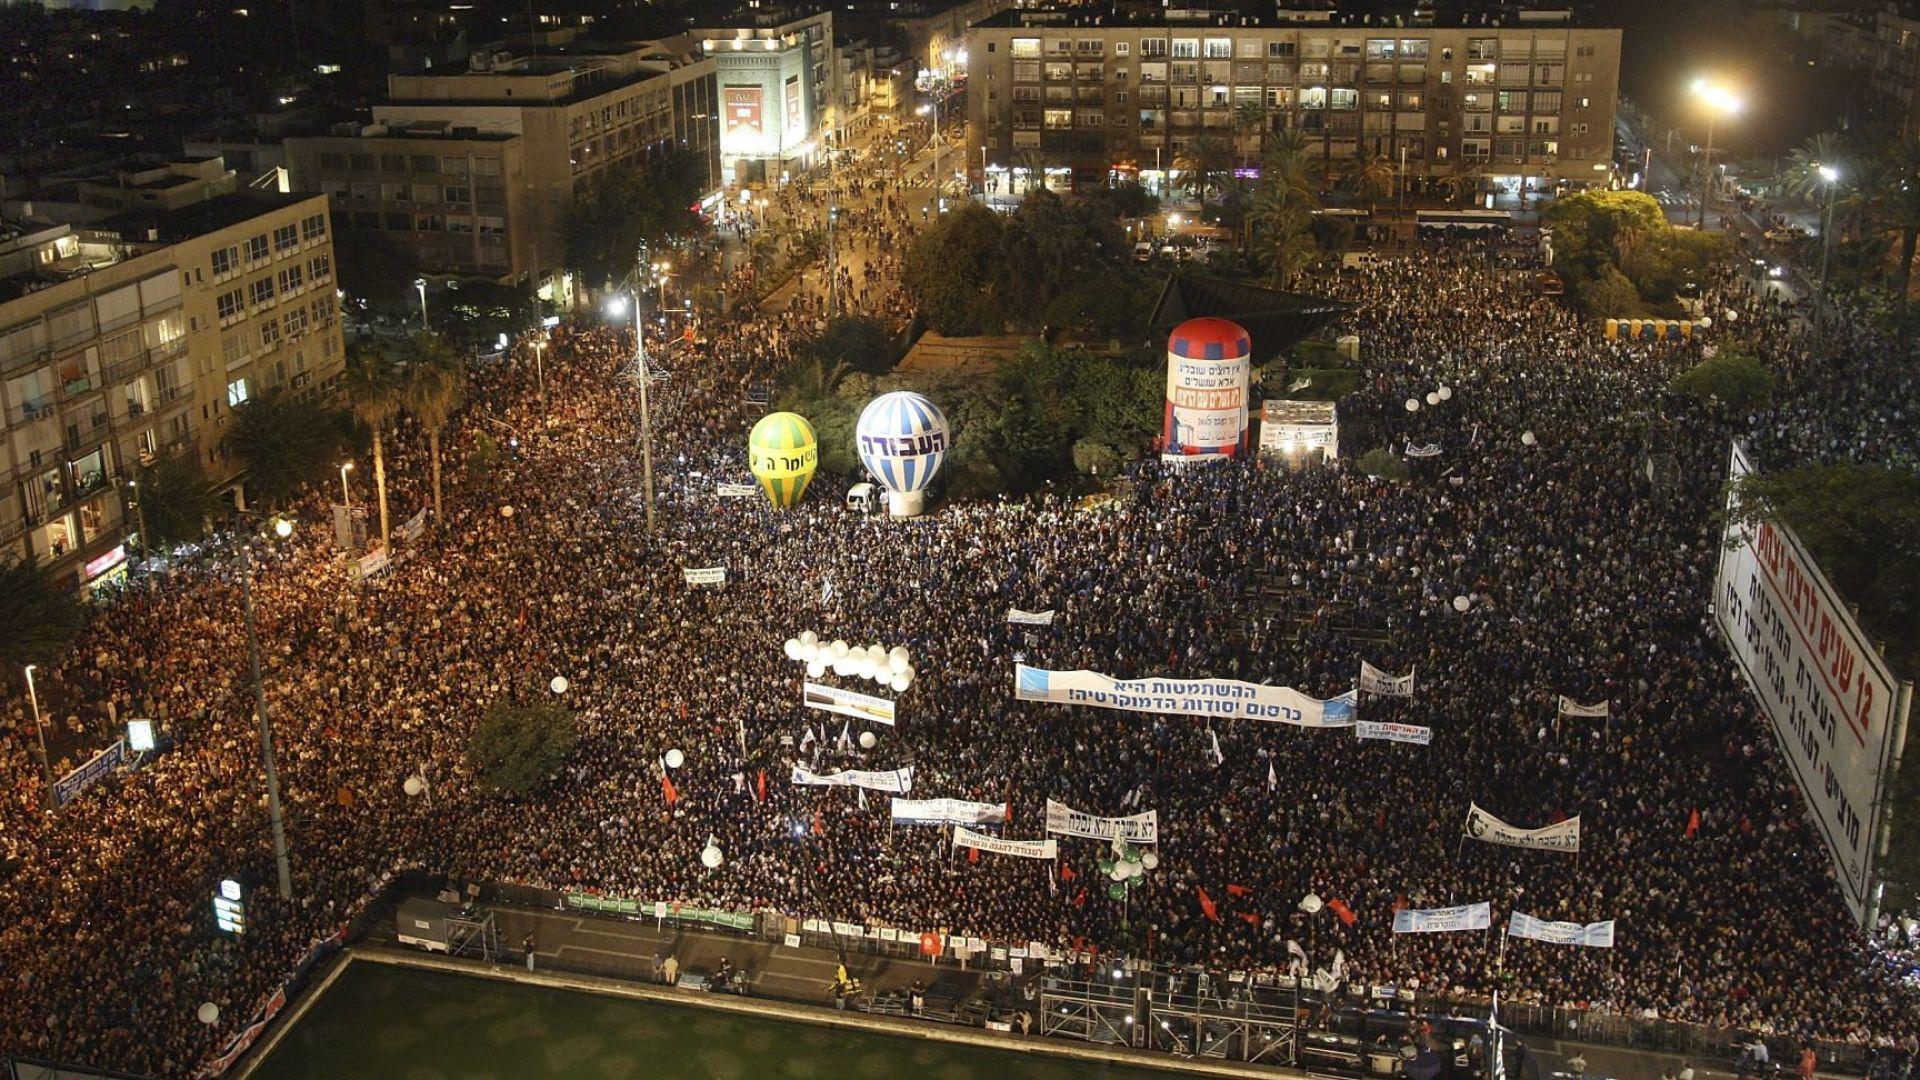 Хиляди си спомниха за убийството на Ицхак Рабин